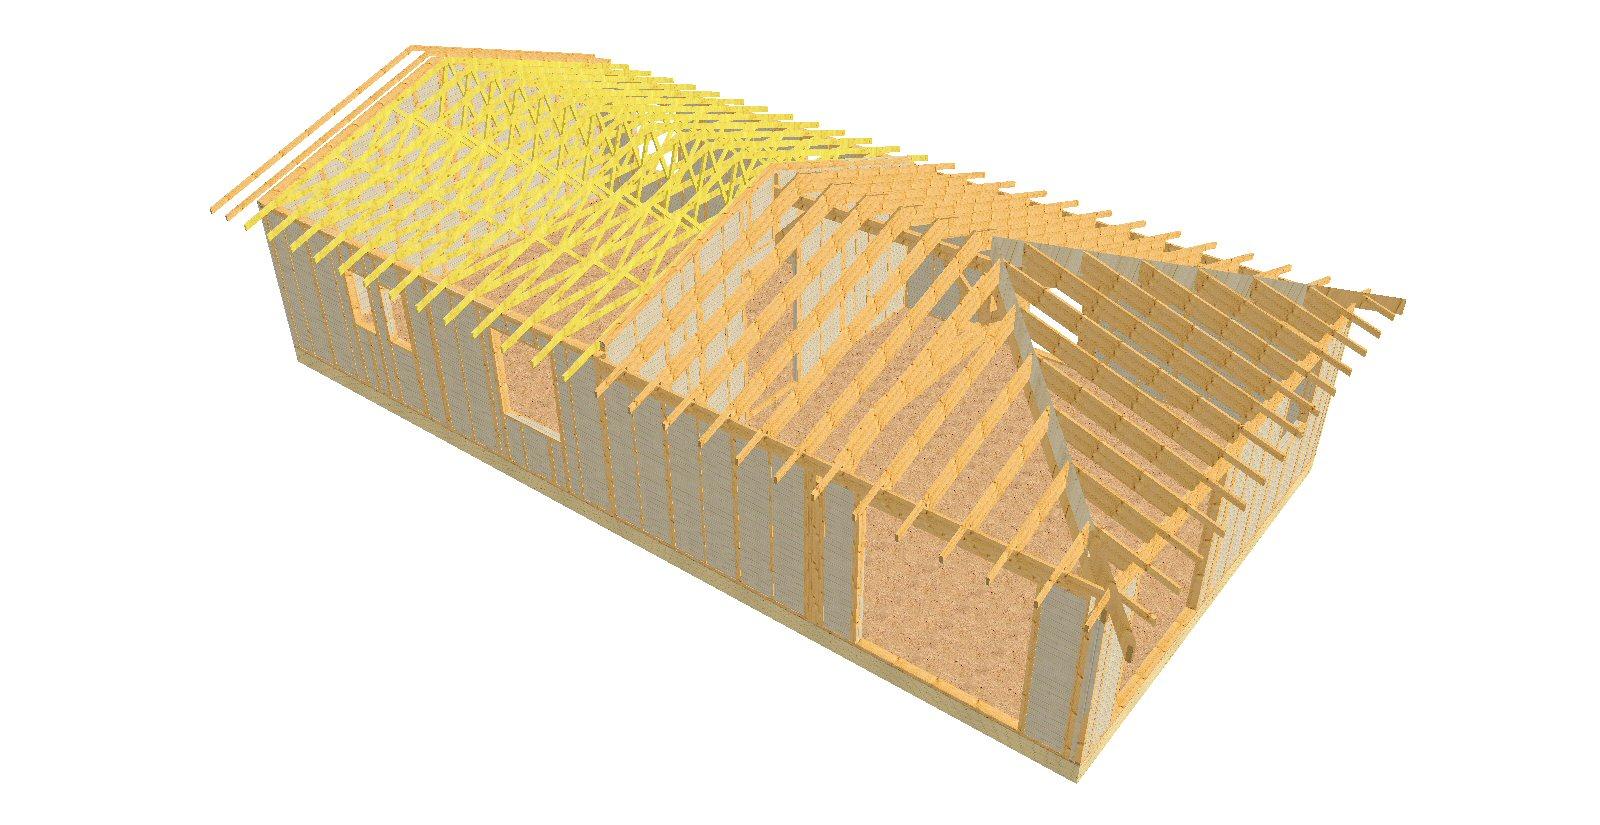 vue 3D de l'ensemble